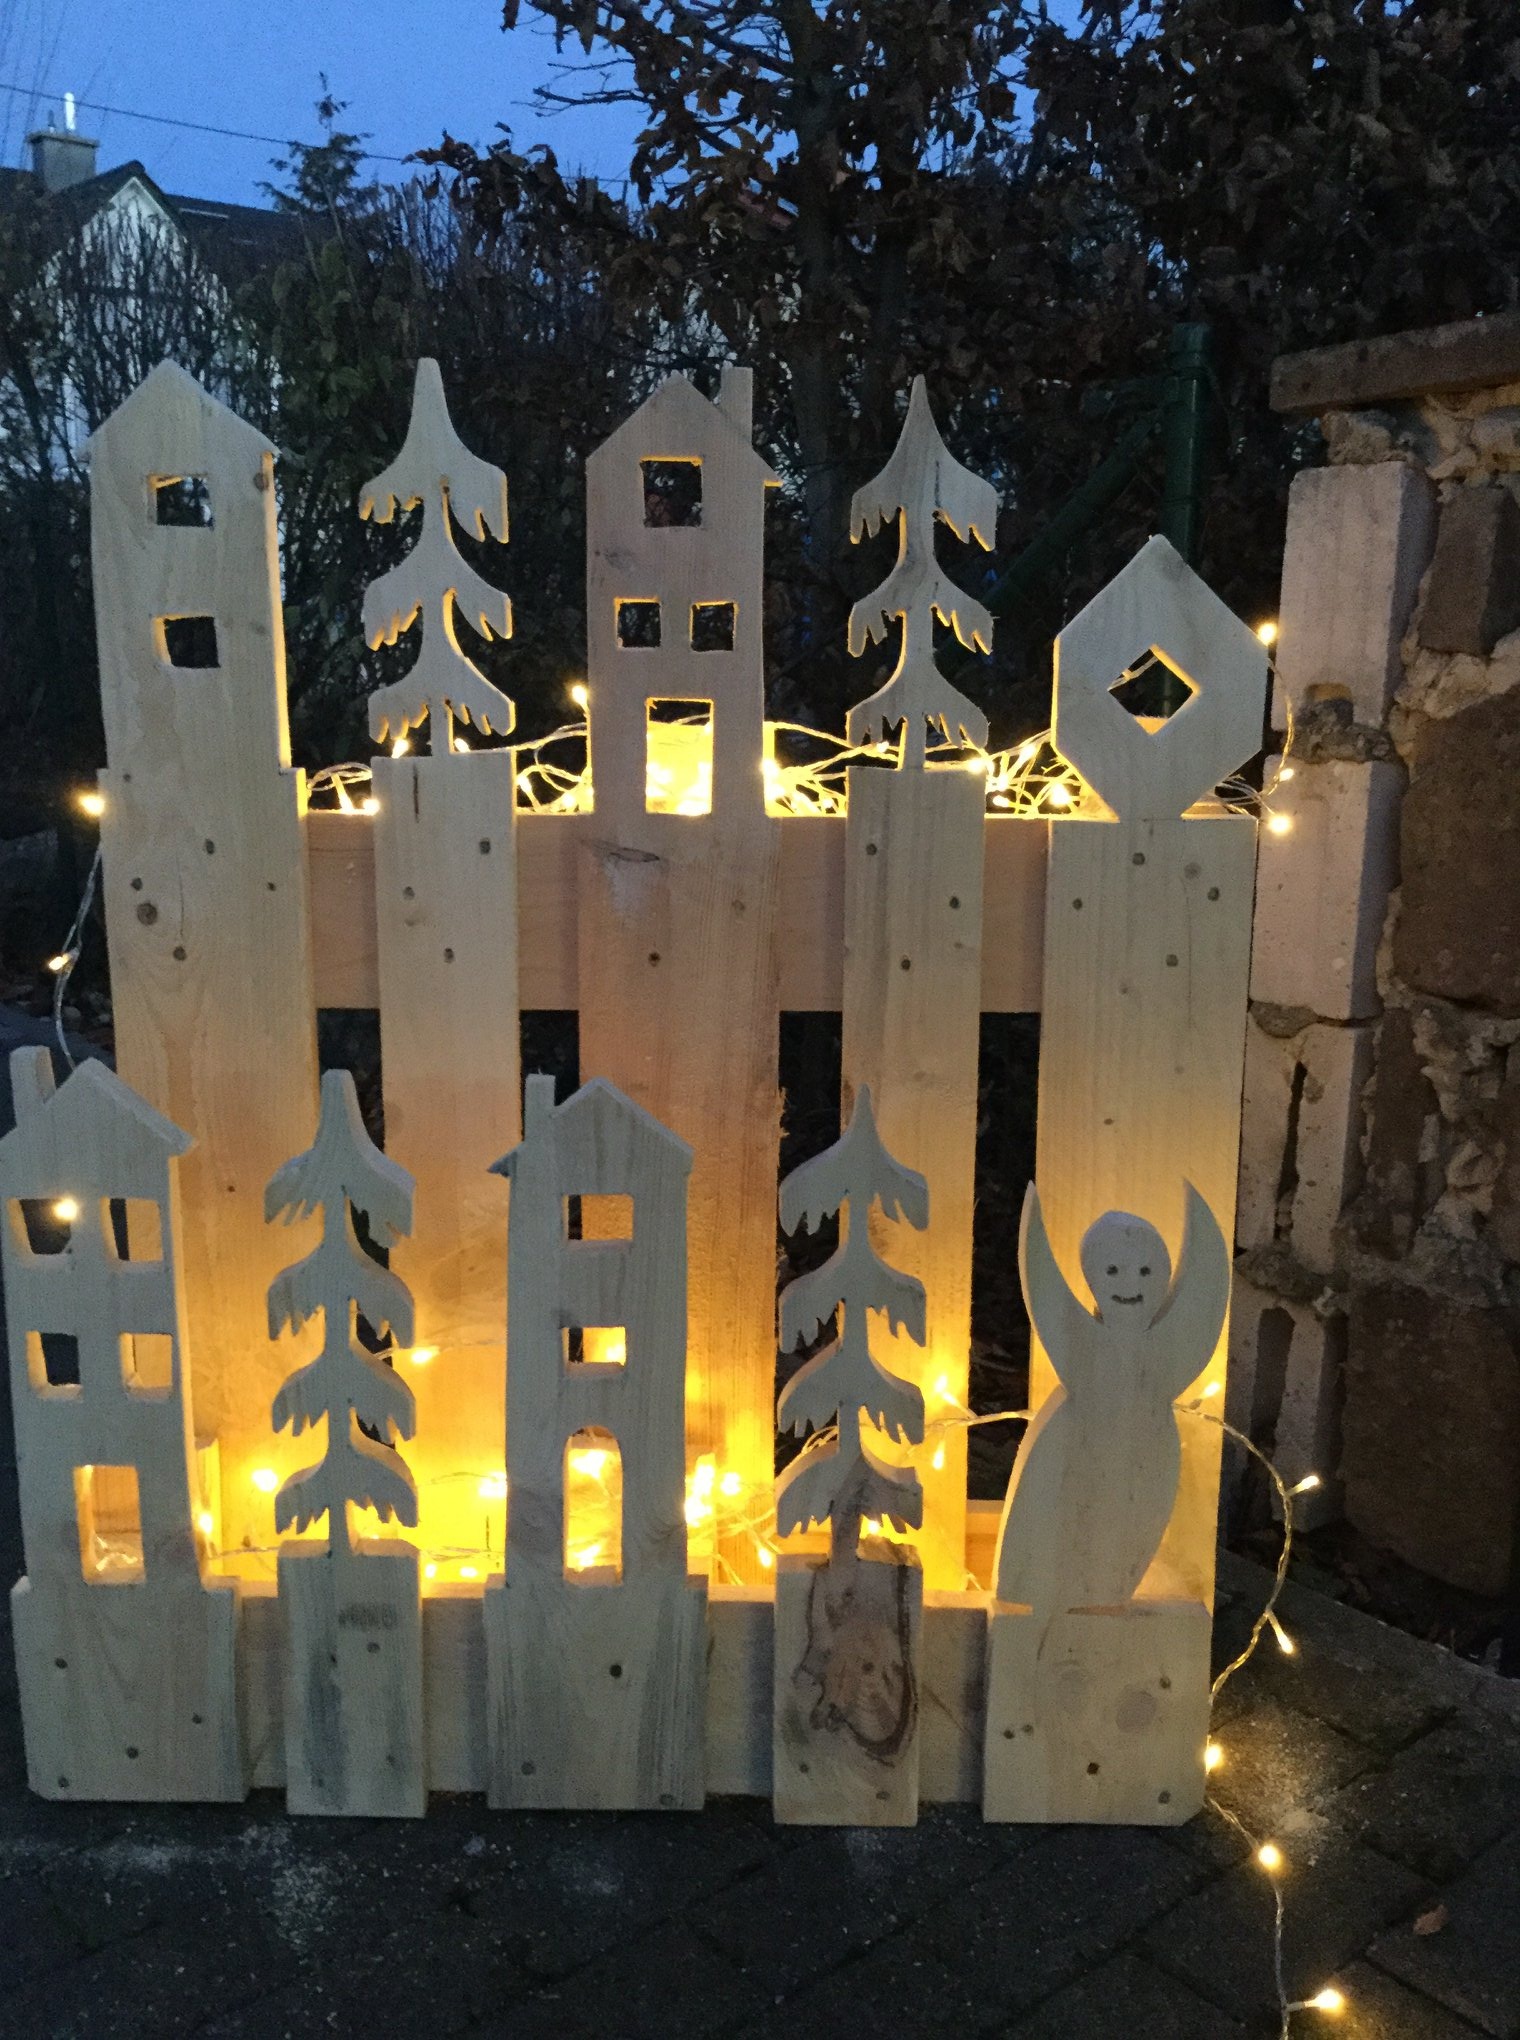 Paletten Deko Fur Haus Garten Und Weihnachten Das Weihnachtsdorf